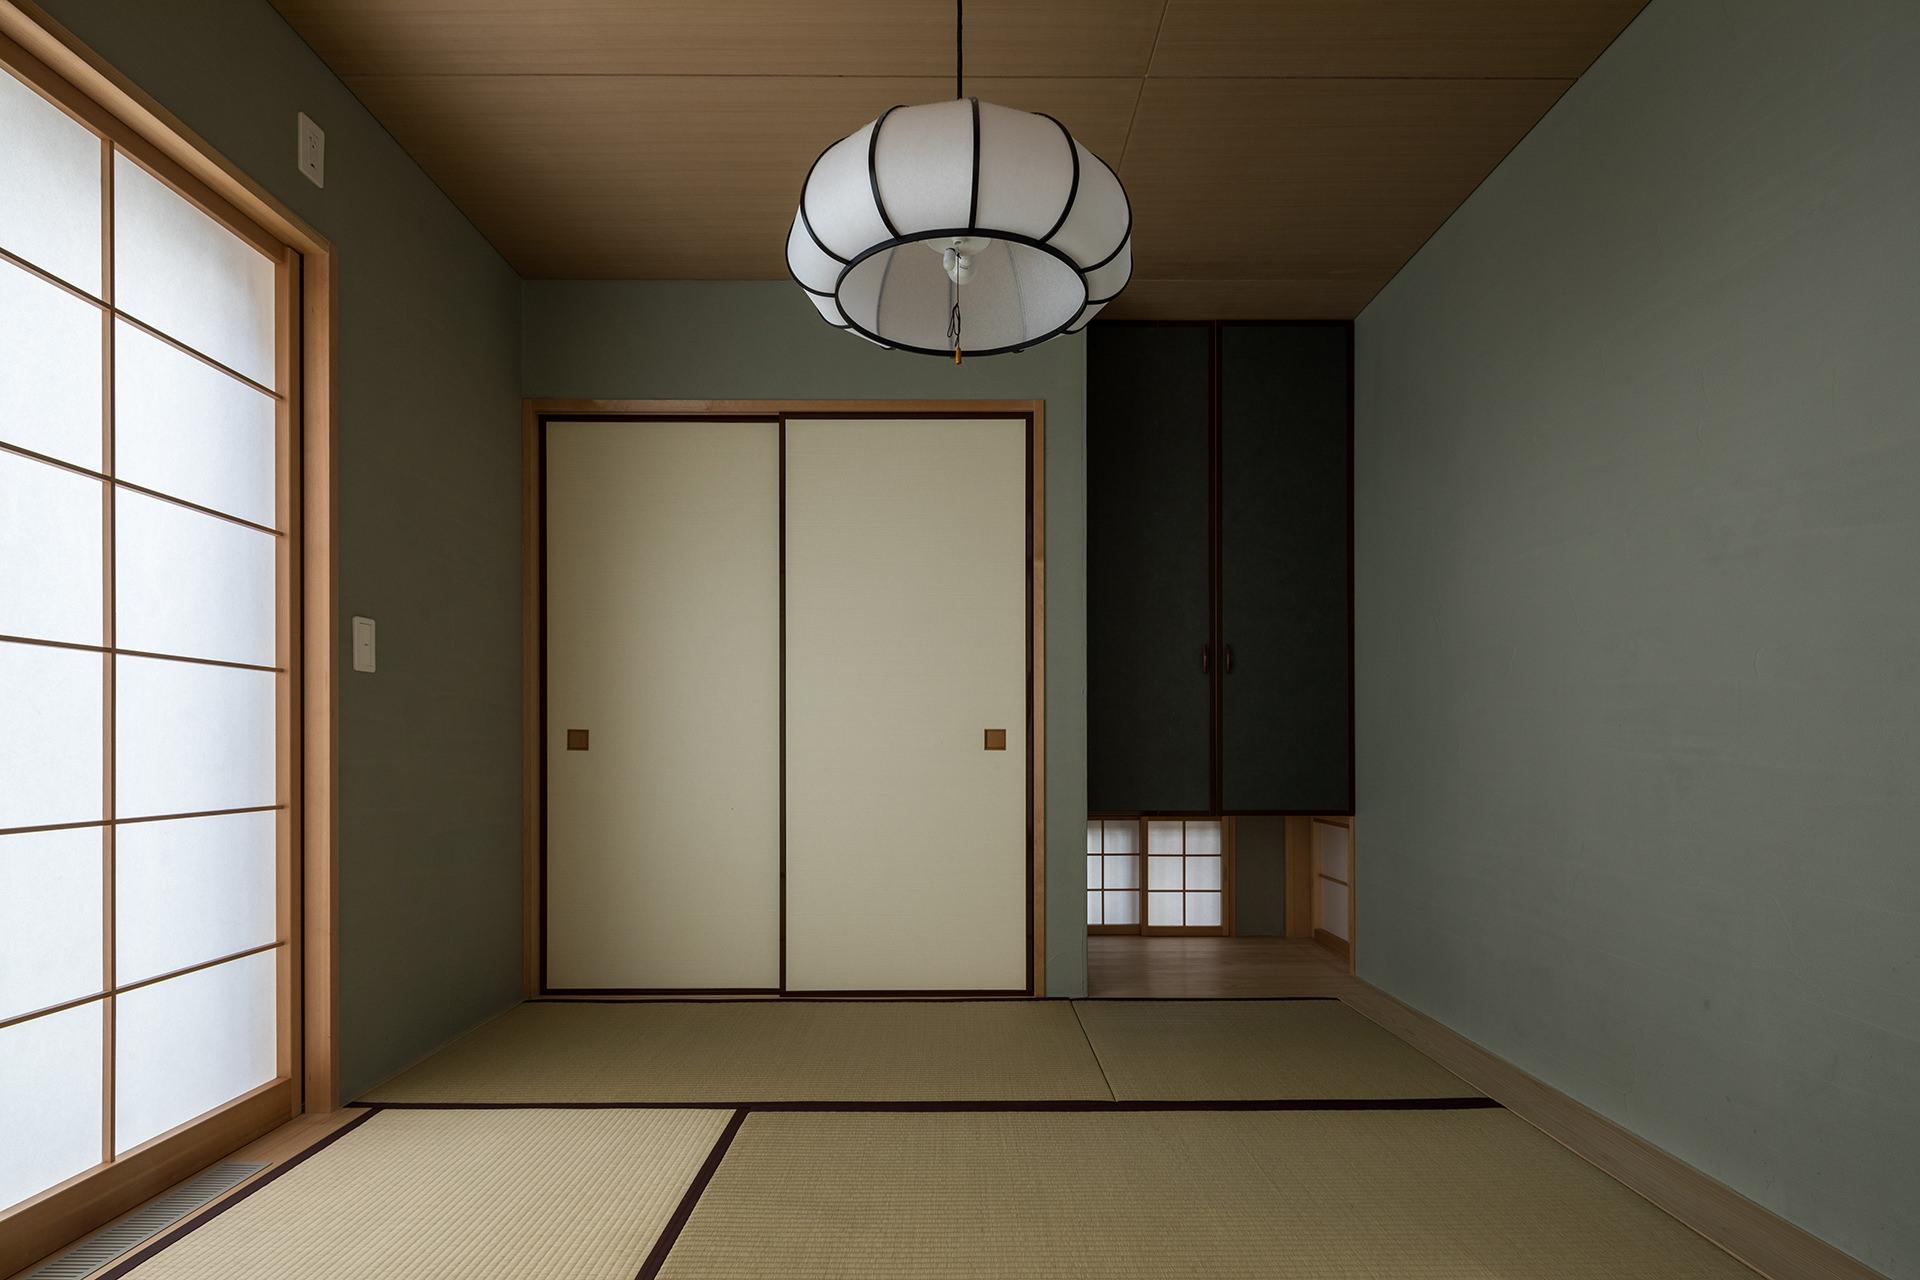 鶴ヶ峰の家 イメージ4 撮影:東涌宏和